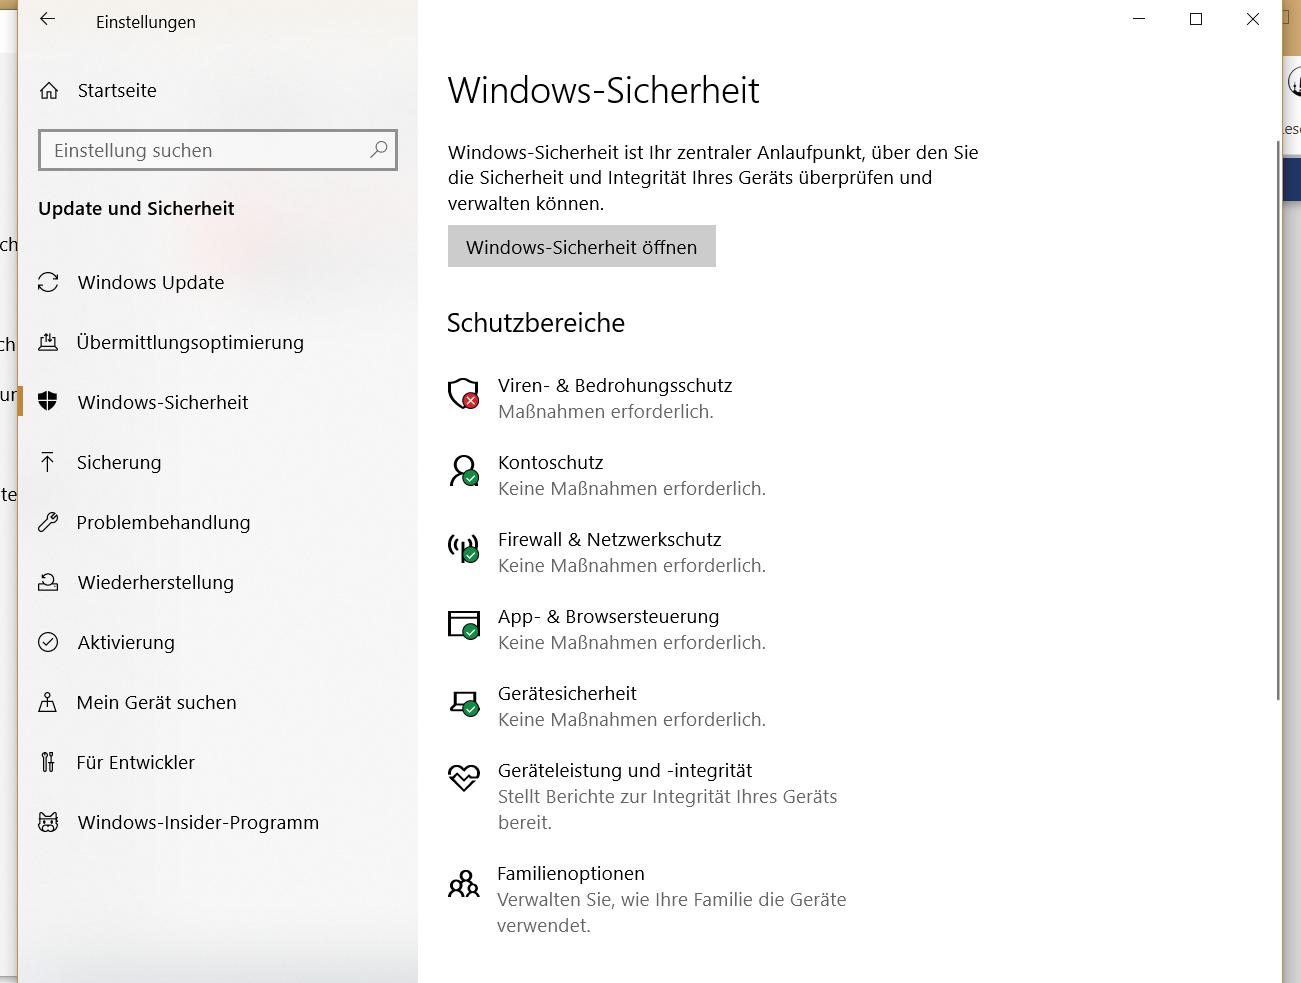 Windows-Sicherheit.PNG